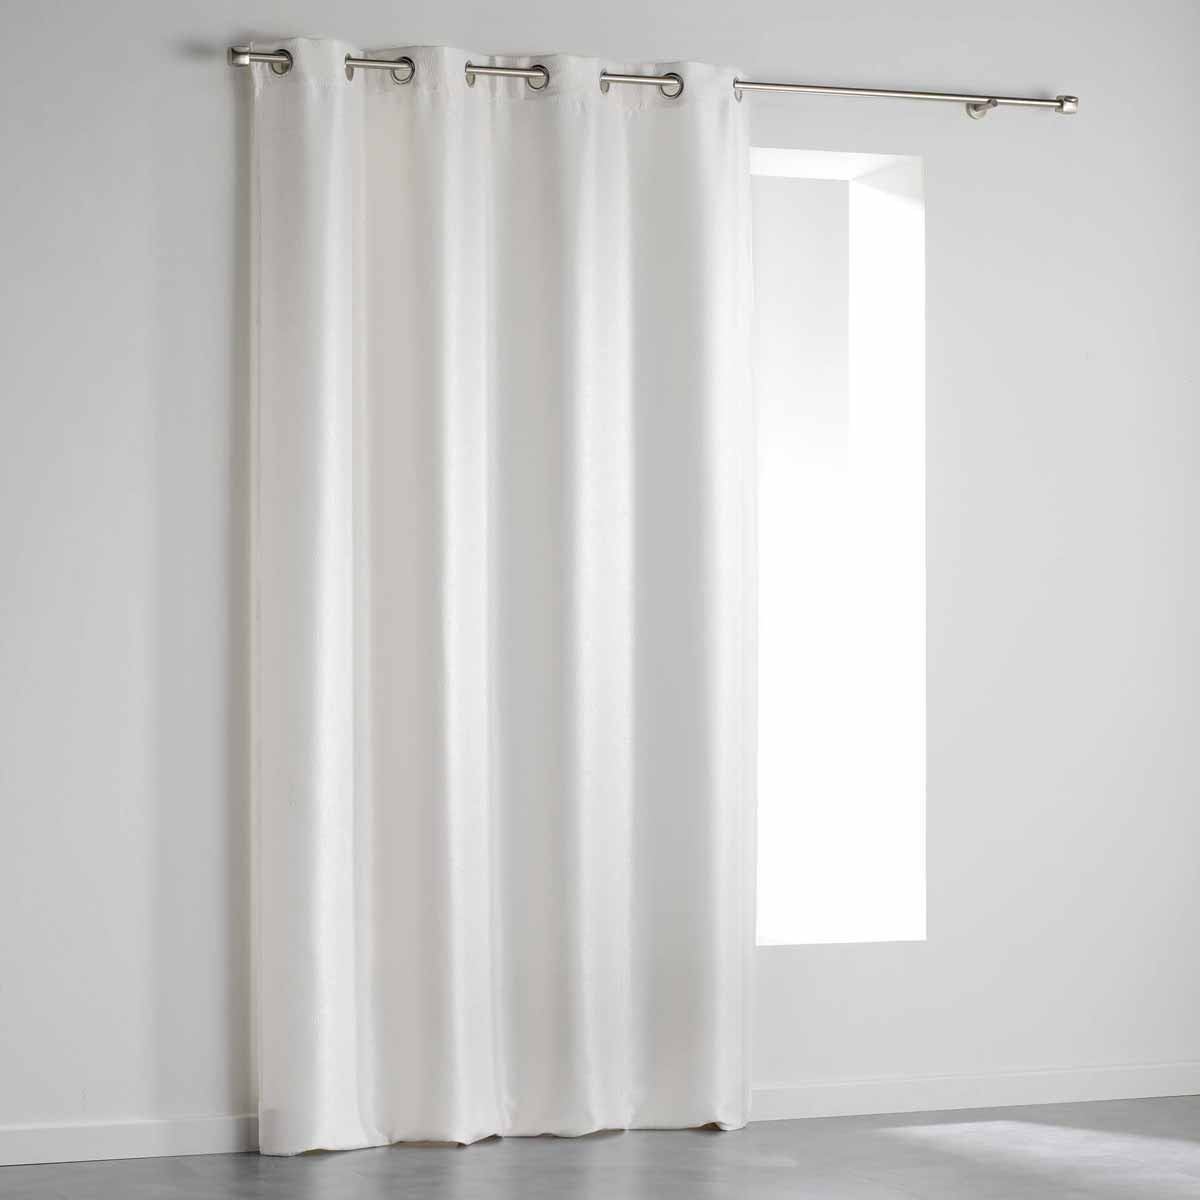 Κουρτίνα Blackout Βελουτέ (140×240) Με Τρουκς Shadow Blanc 1607635